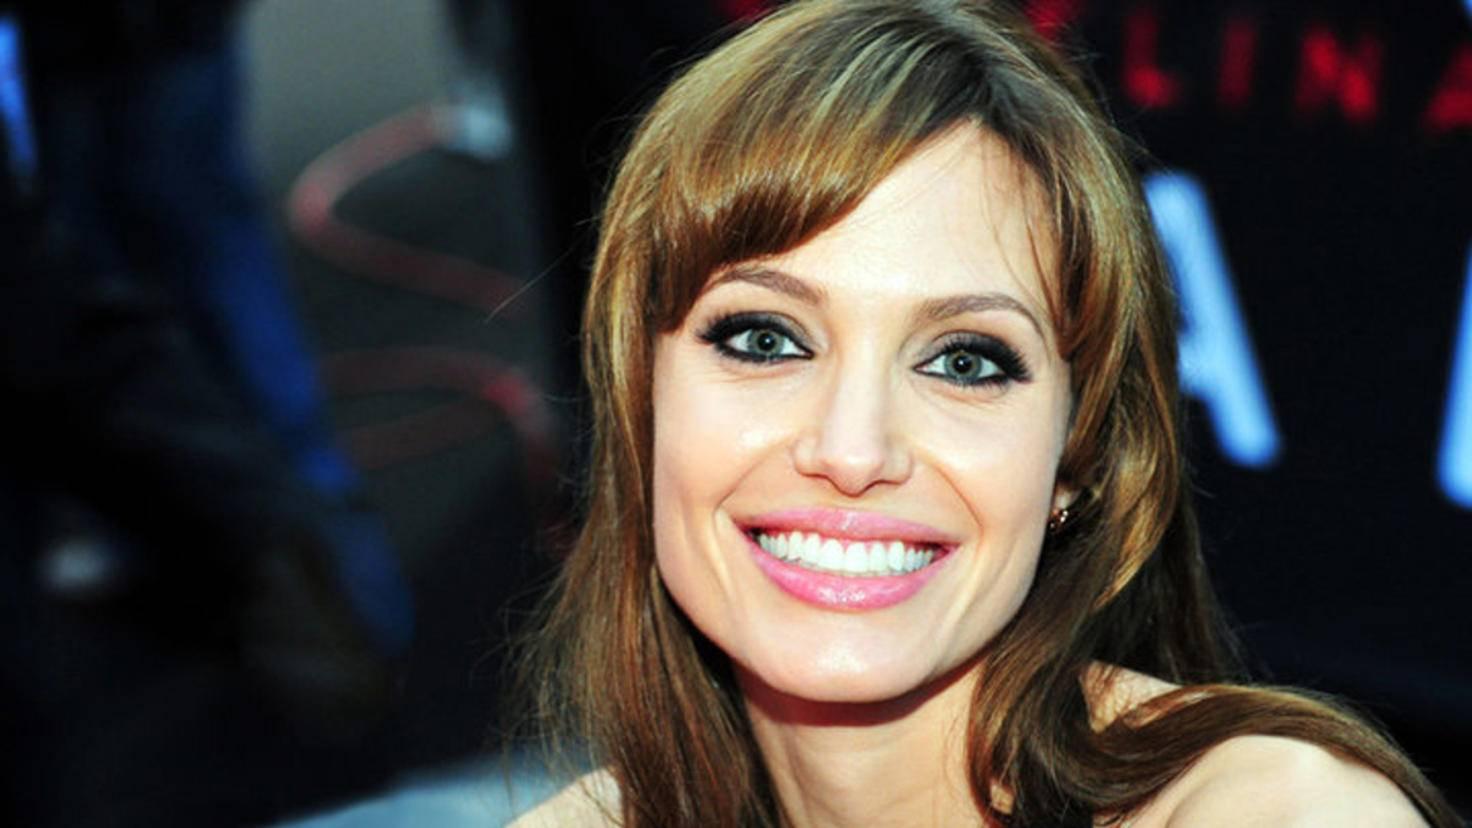 Während andere Kids mit 14 noch die Schulbank drücken, hat Angelina Jolie bereits ihren ersten Berufsabschluss gemacht.